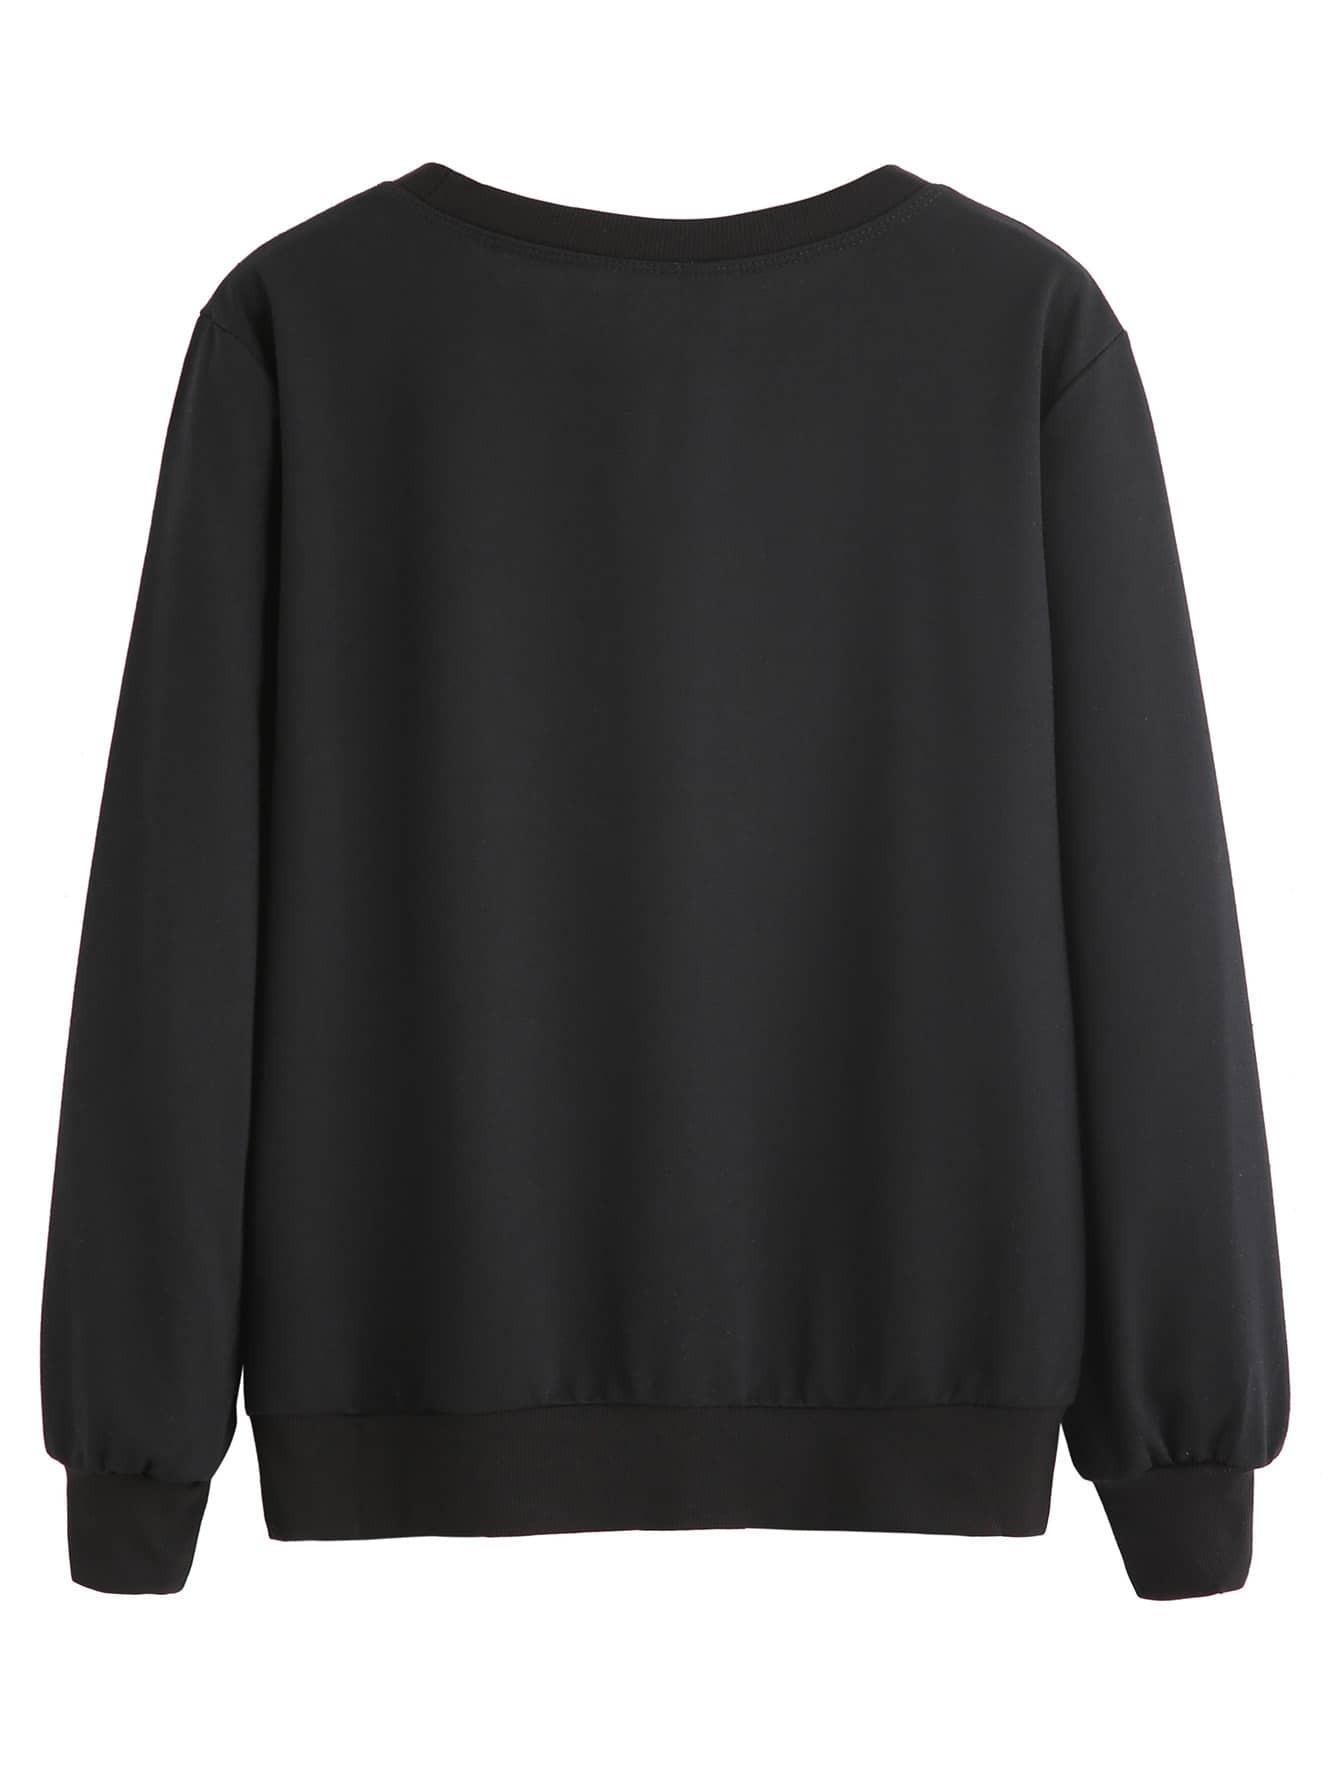 sweatshirt160825023_2